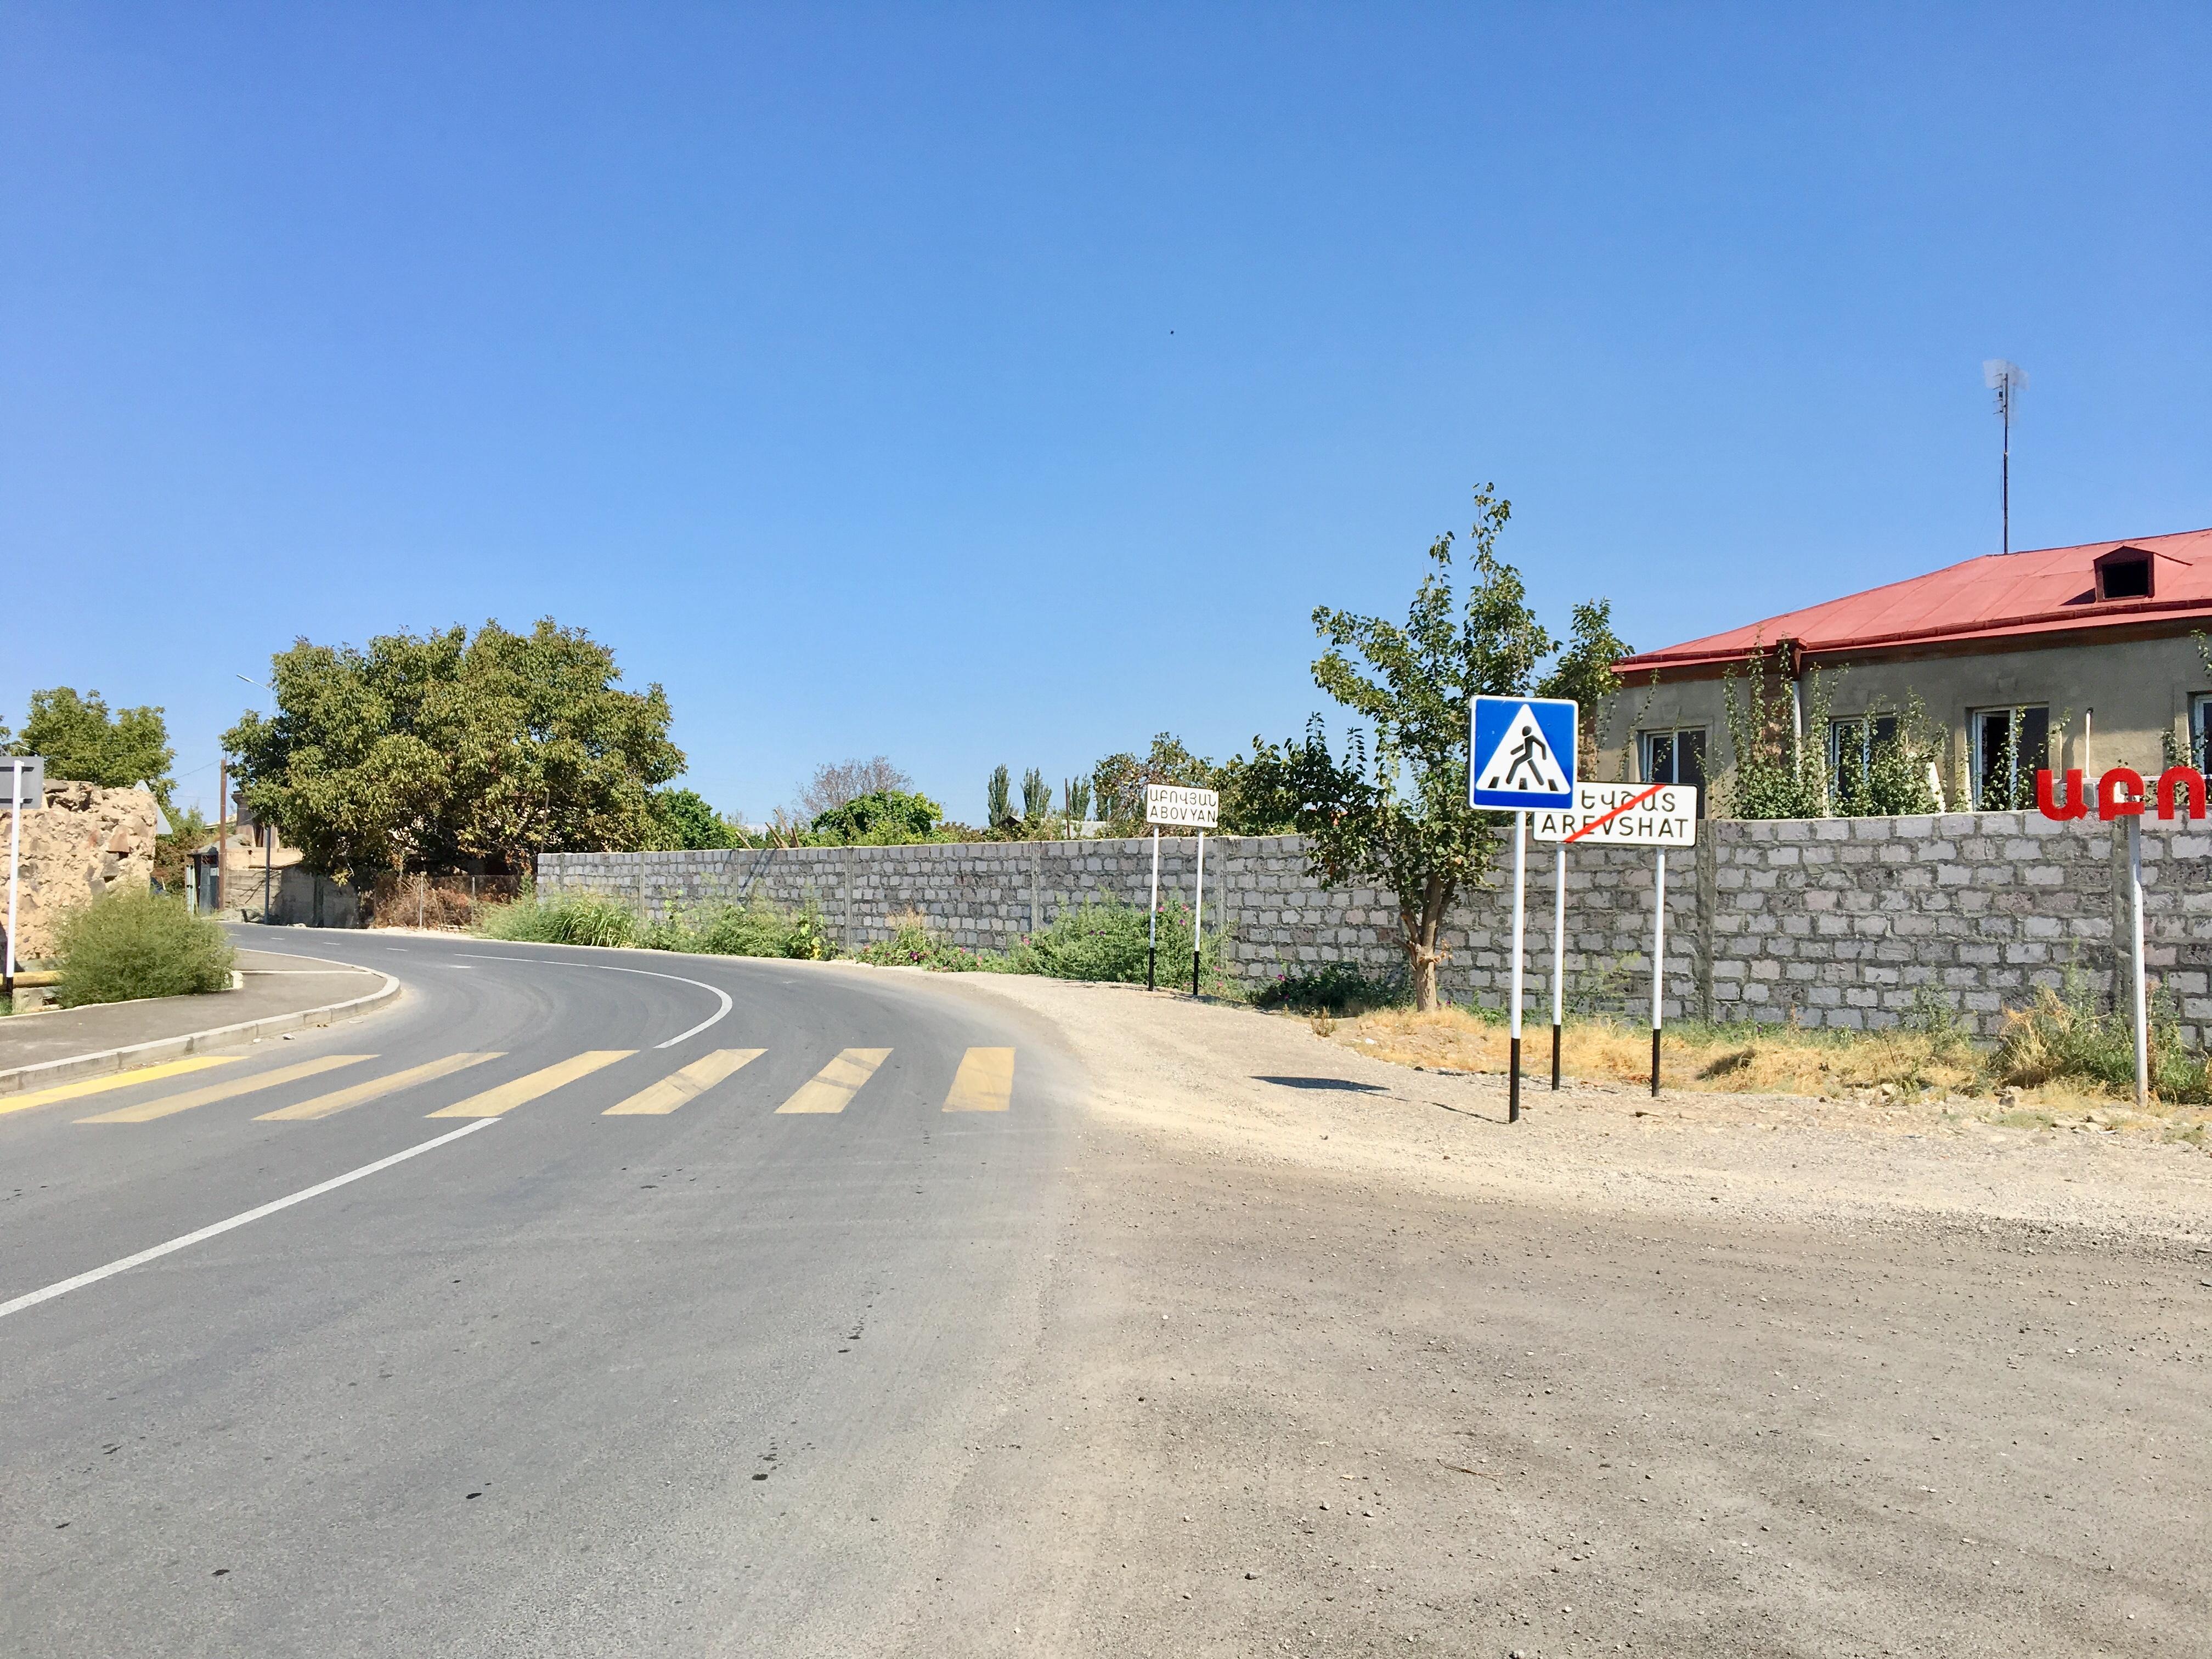 Վերանորոգվել է Արևշատ-Աբովյան ճանապարհի մոտ 1,5 կիլոմետրանոց հատվածը